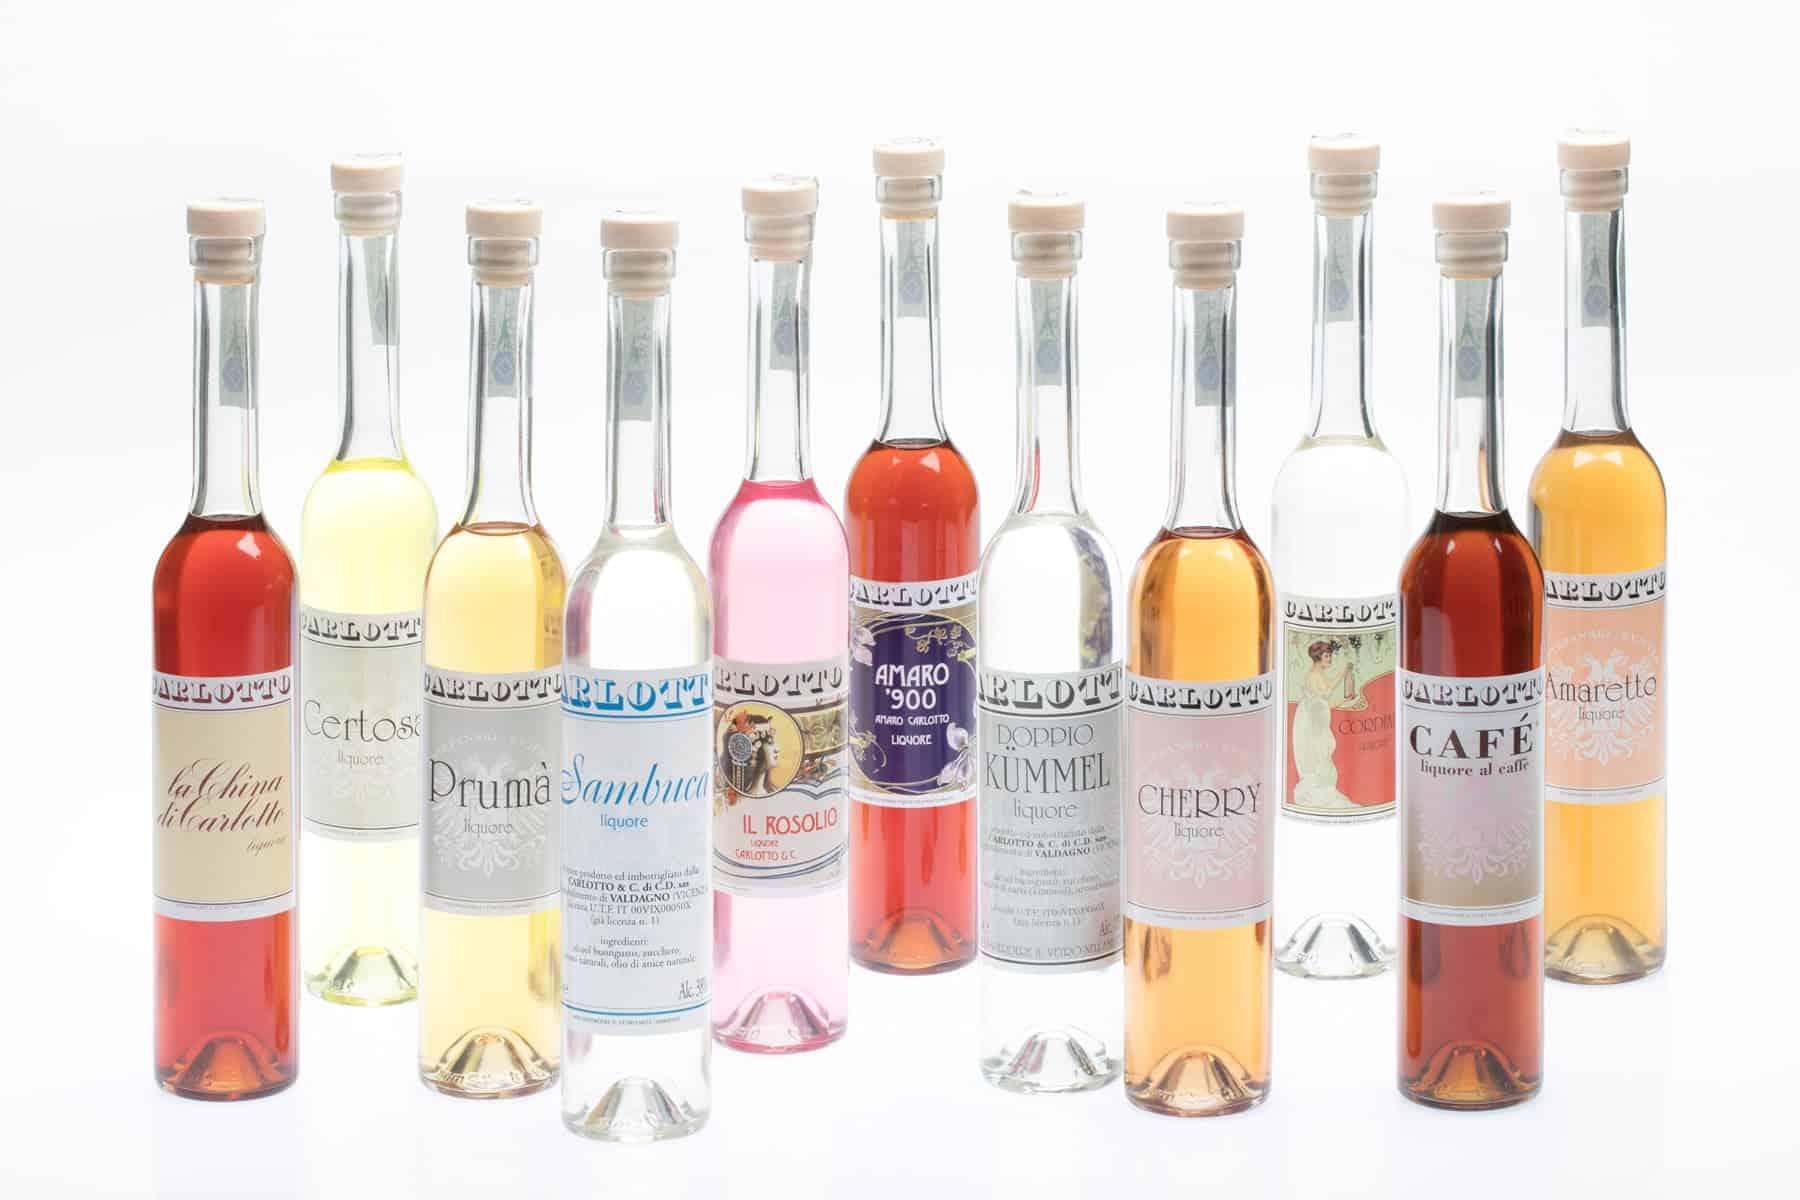 Carlotto Liquori, etichette realizzate per la linea di liquori. Tipografia Unione, stampati di piccolo formato, Vicenza